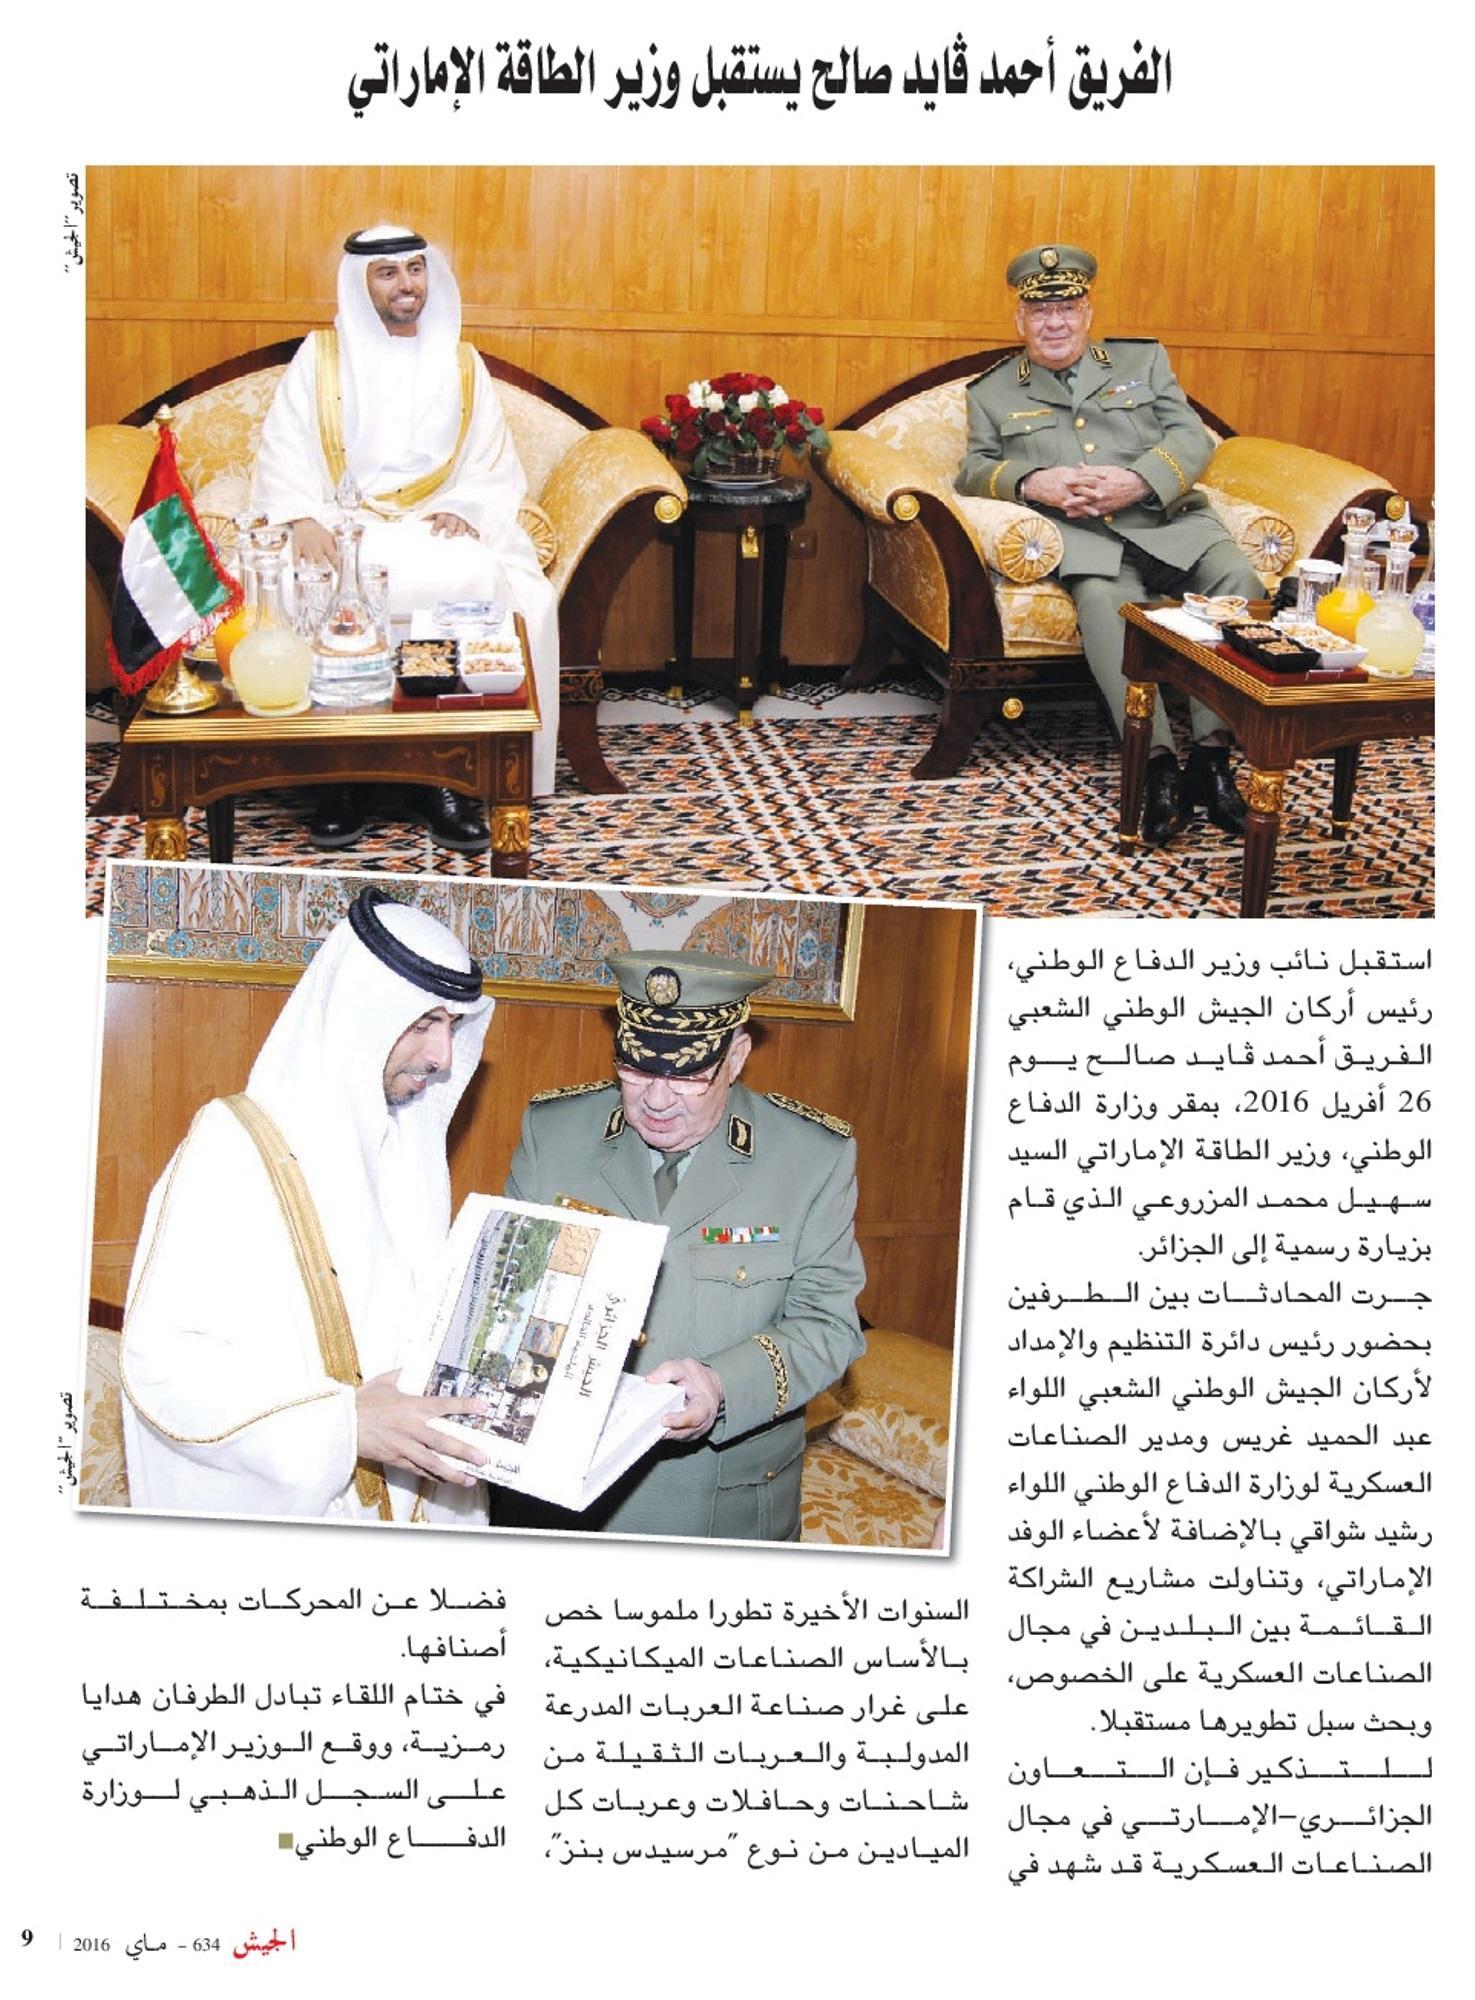 الجزائر : صلاحيات نائب وزير الدفاع الوطني - صفحة 2 27062430366_fbdce9e63f_o